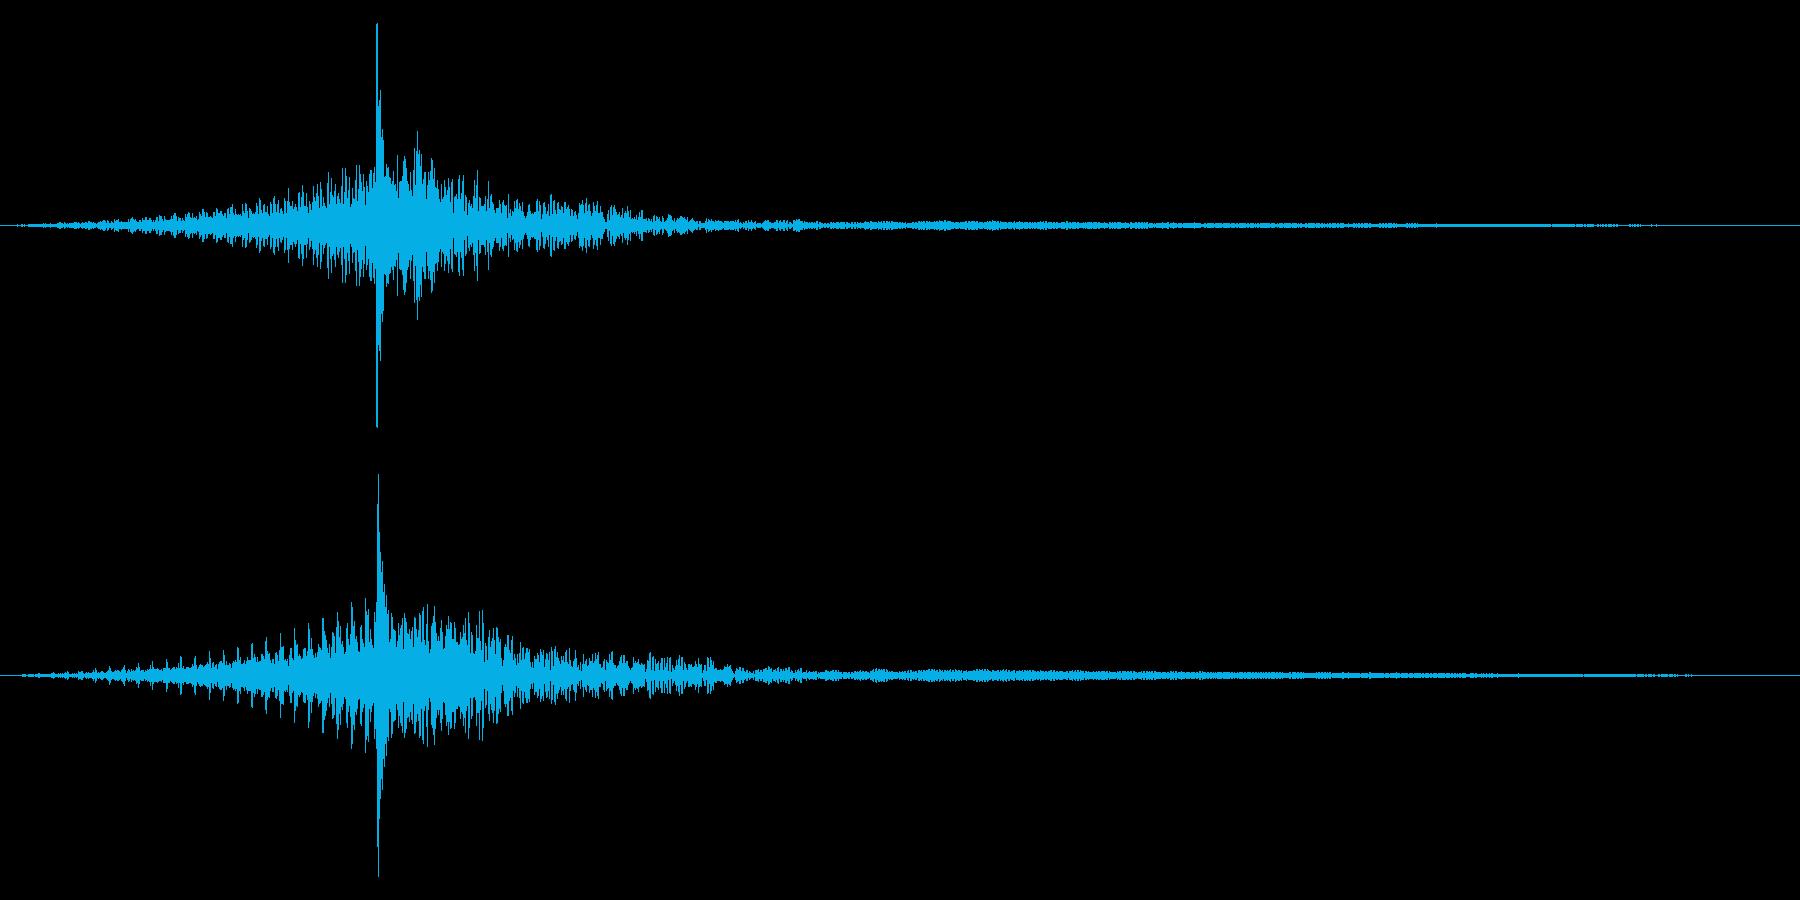 ホラー系アタック音128の再生済みの波形